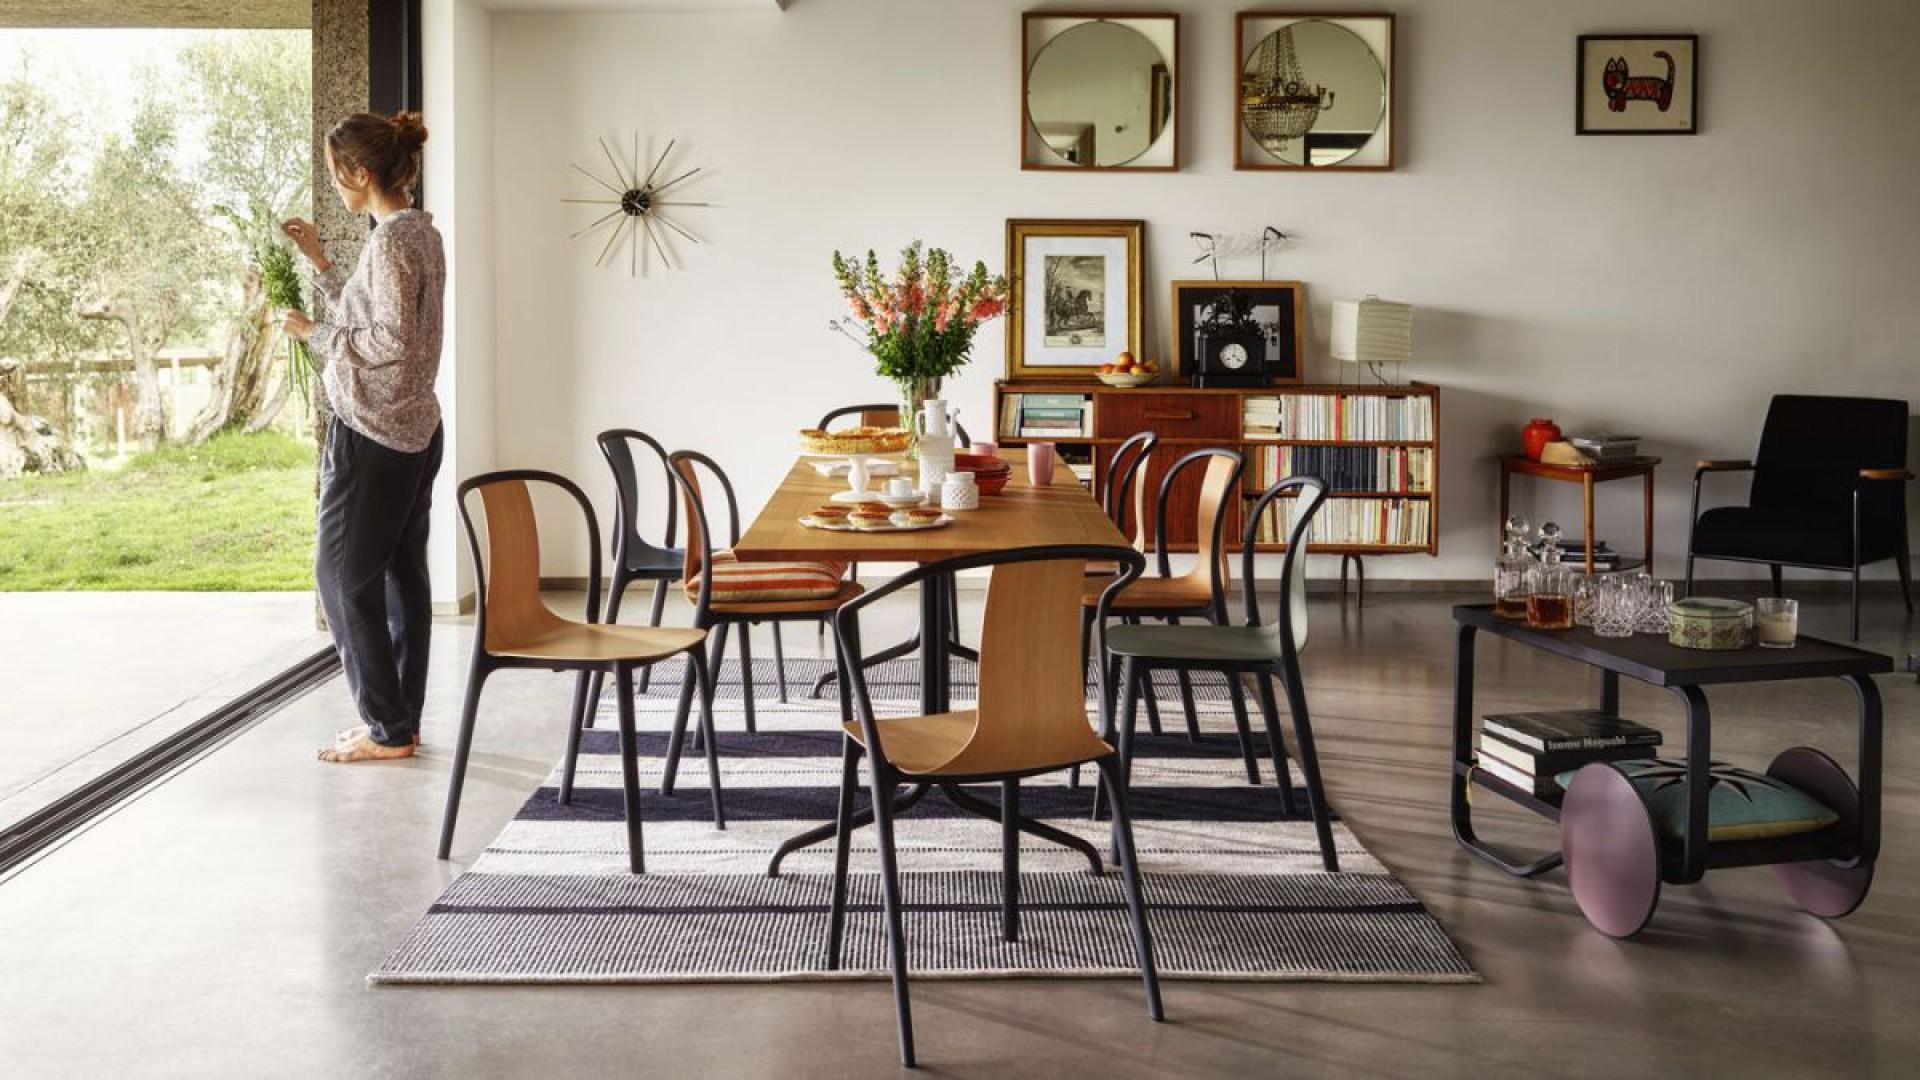 Kolekcja krzeseł Belleville firmy Vitra. Projekt: Ronan i Erwan Bouroullec. Fot. Vitra